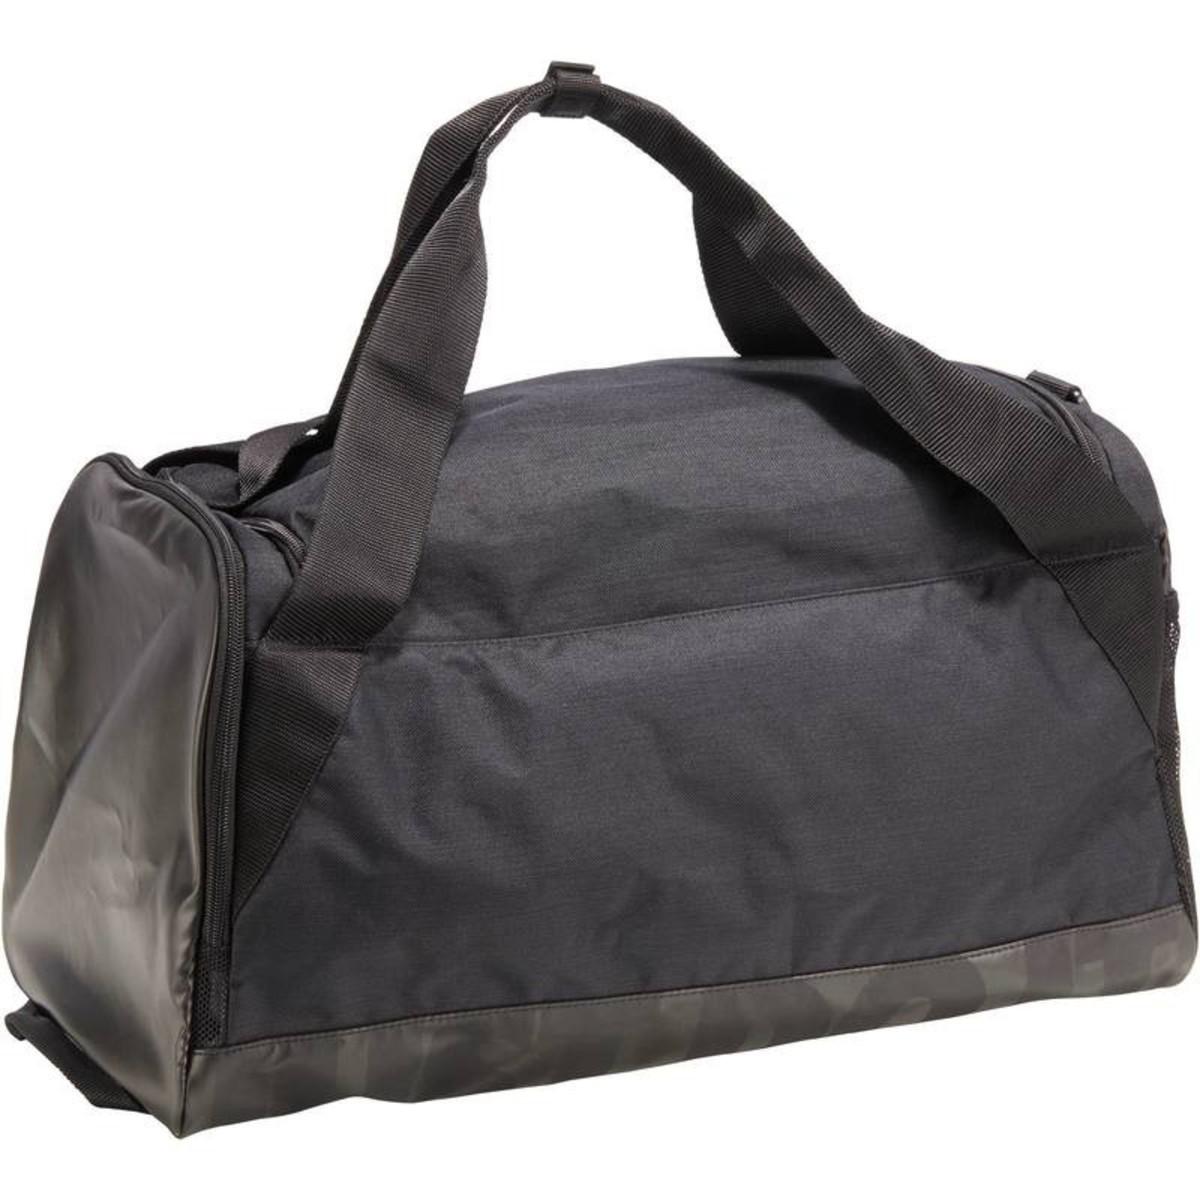 Bild 2 von NIKE Sporttasche Erwachsene Nike schwarz, Größe: Einheitsgröße